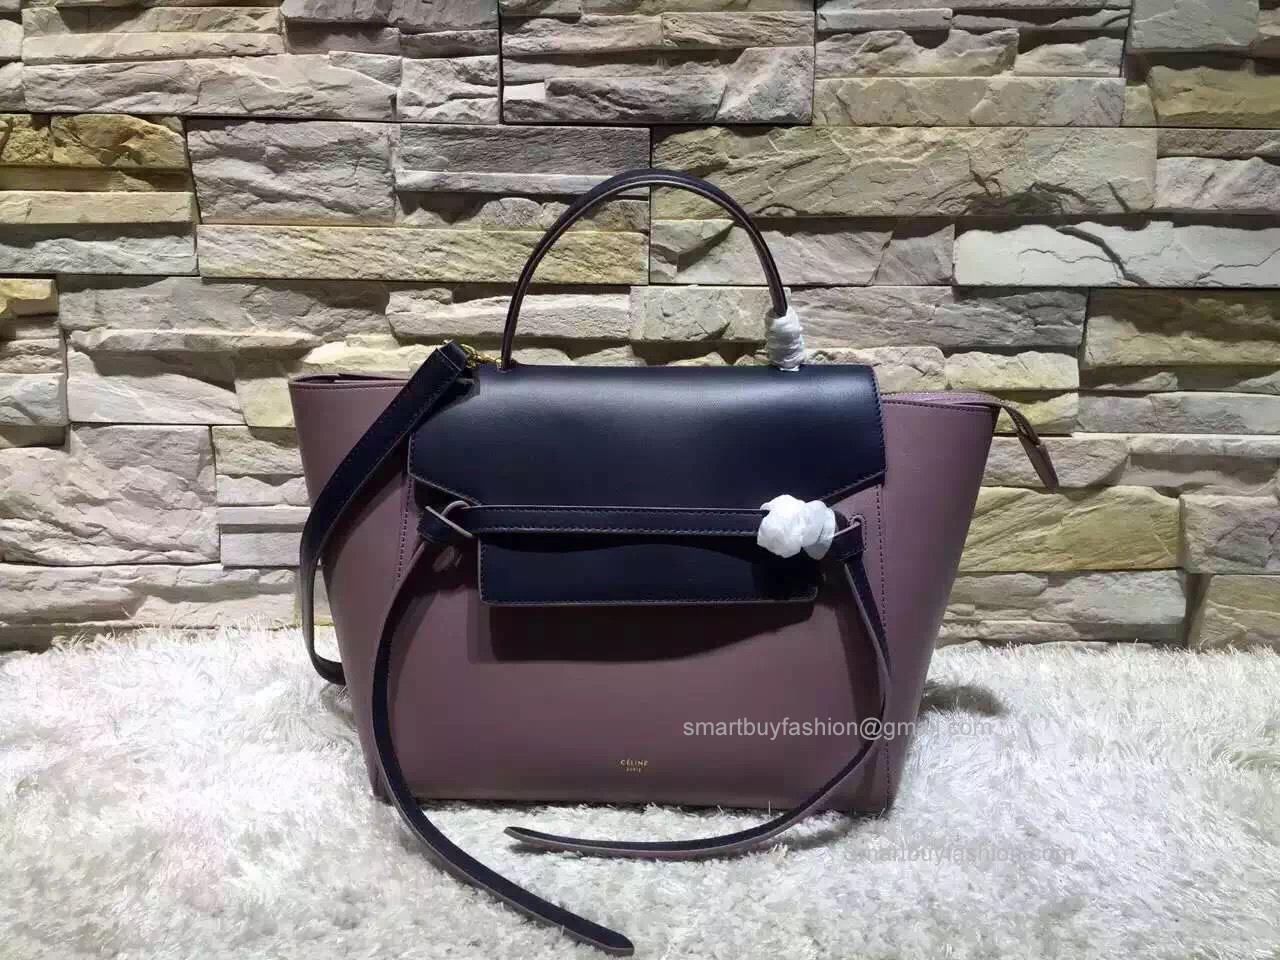 717ea87b2207 Replica Celine Mini Belt Bag in Bicolor Nude Leather ...